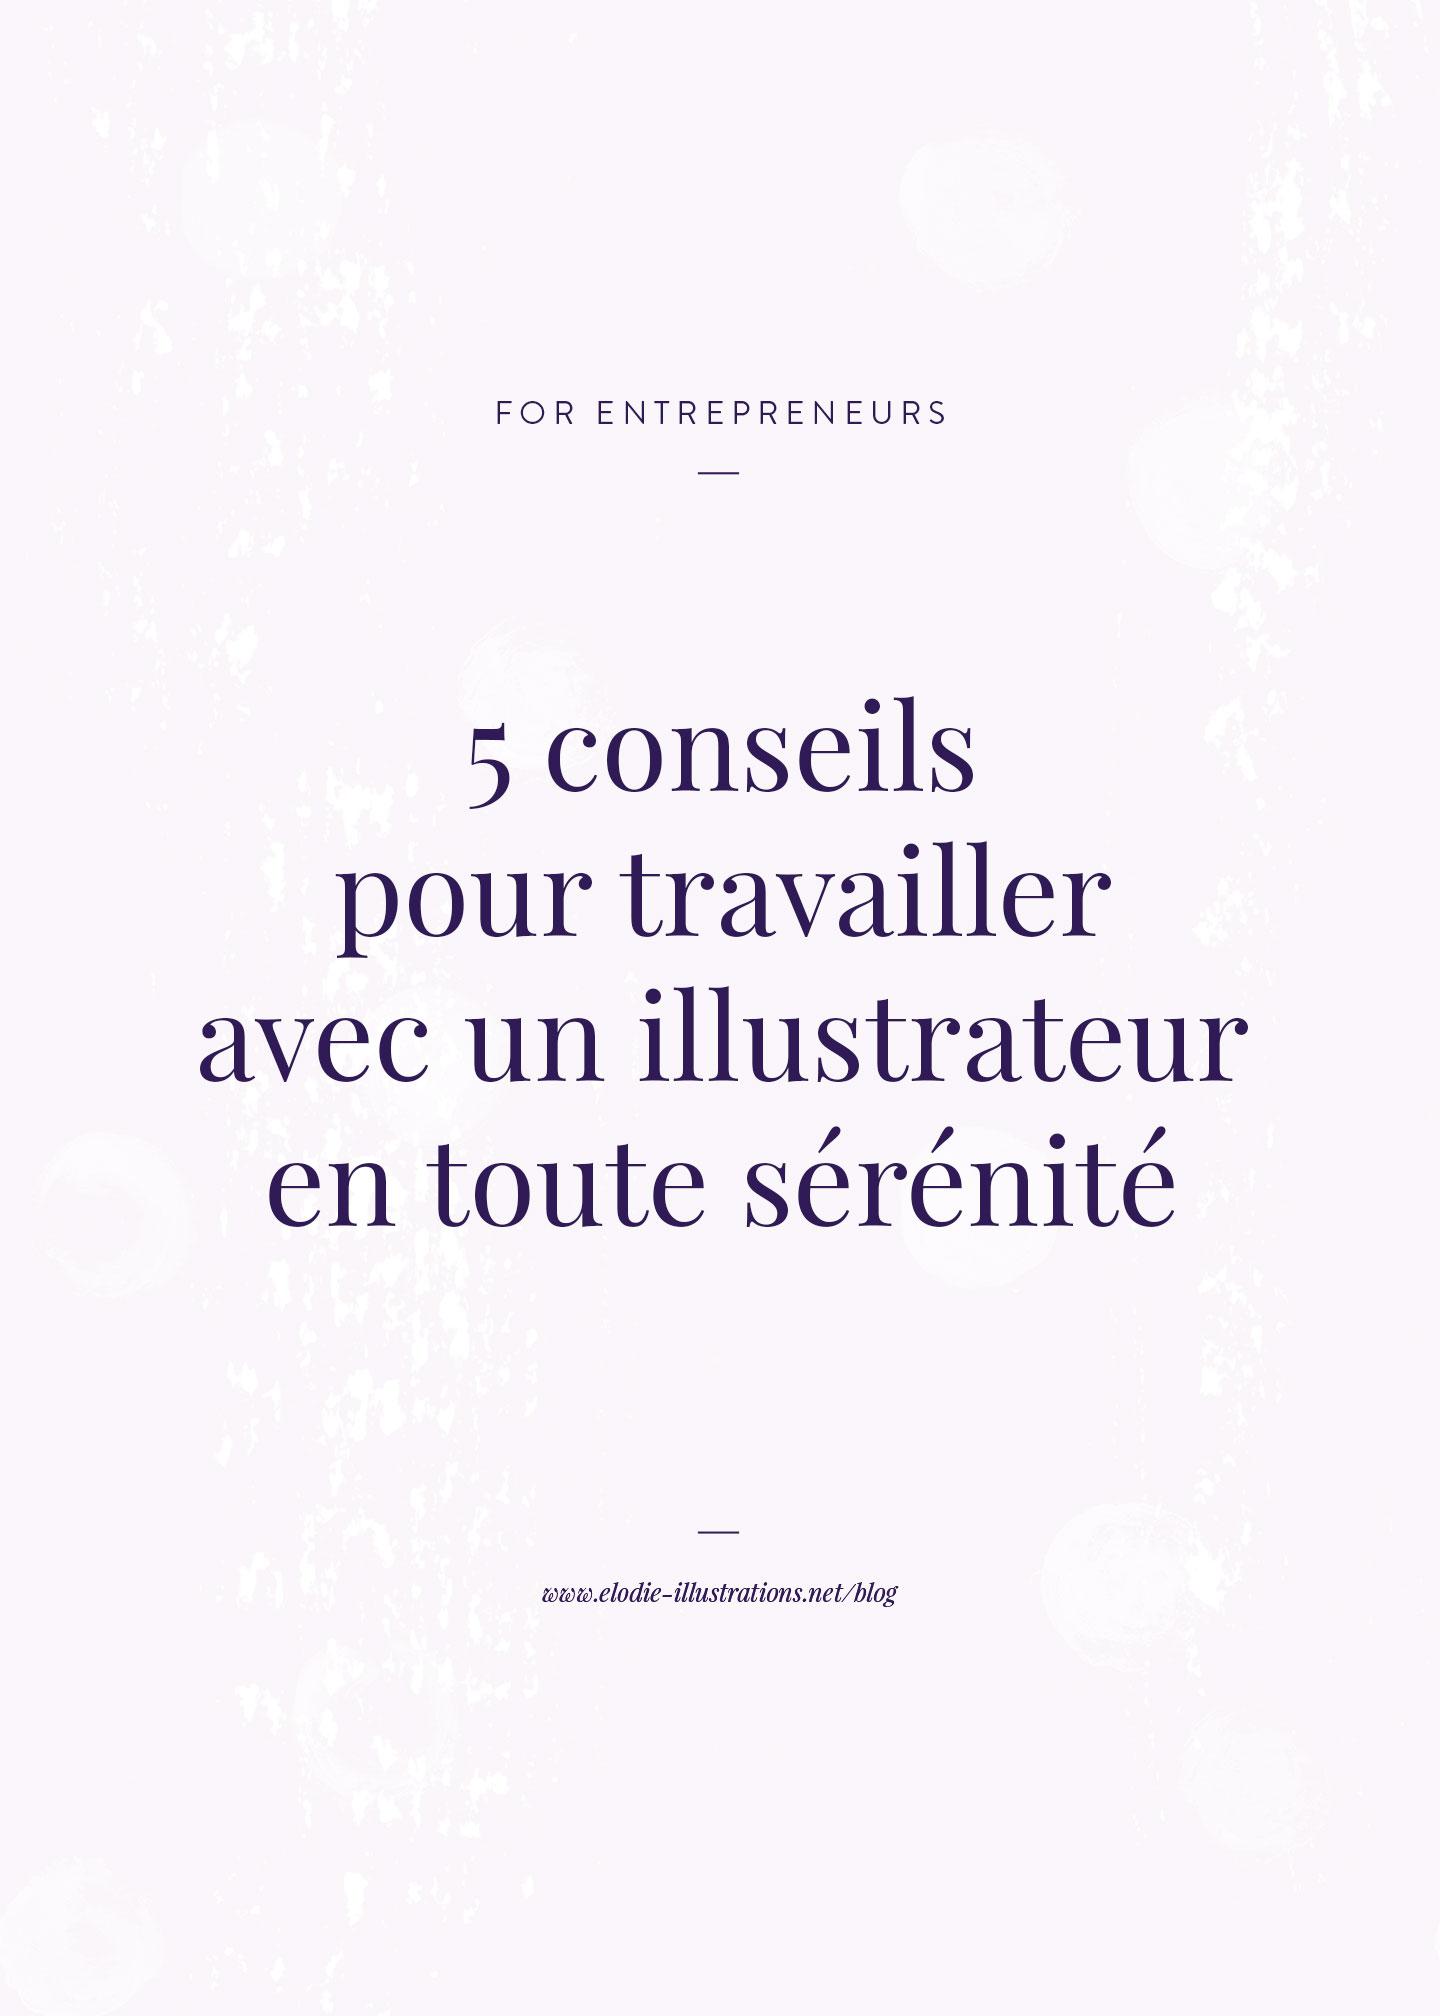 Vous souhaitez faire appel à un illustrateur ? Voici 5 conseils pour travailler avec un illustrateur en toute sérénité | Cliquez pour découvrir l'article